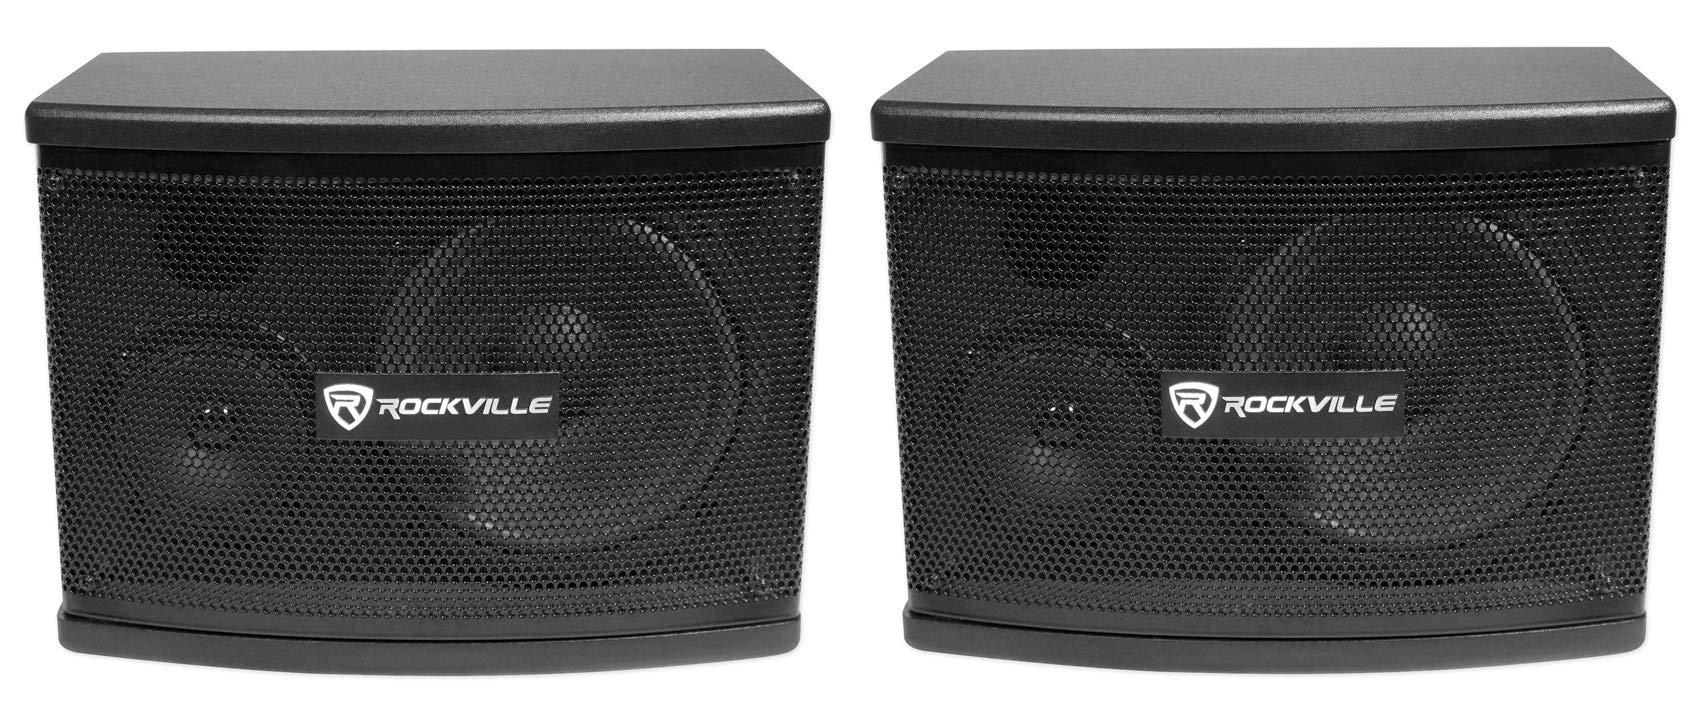 Rockville Pair KPS65 2-Way 400 Watt Karaoke Speakers+Wall Brackets/MDF, Black, 6.5'' (